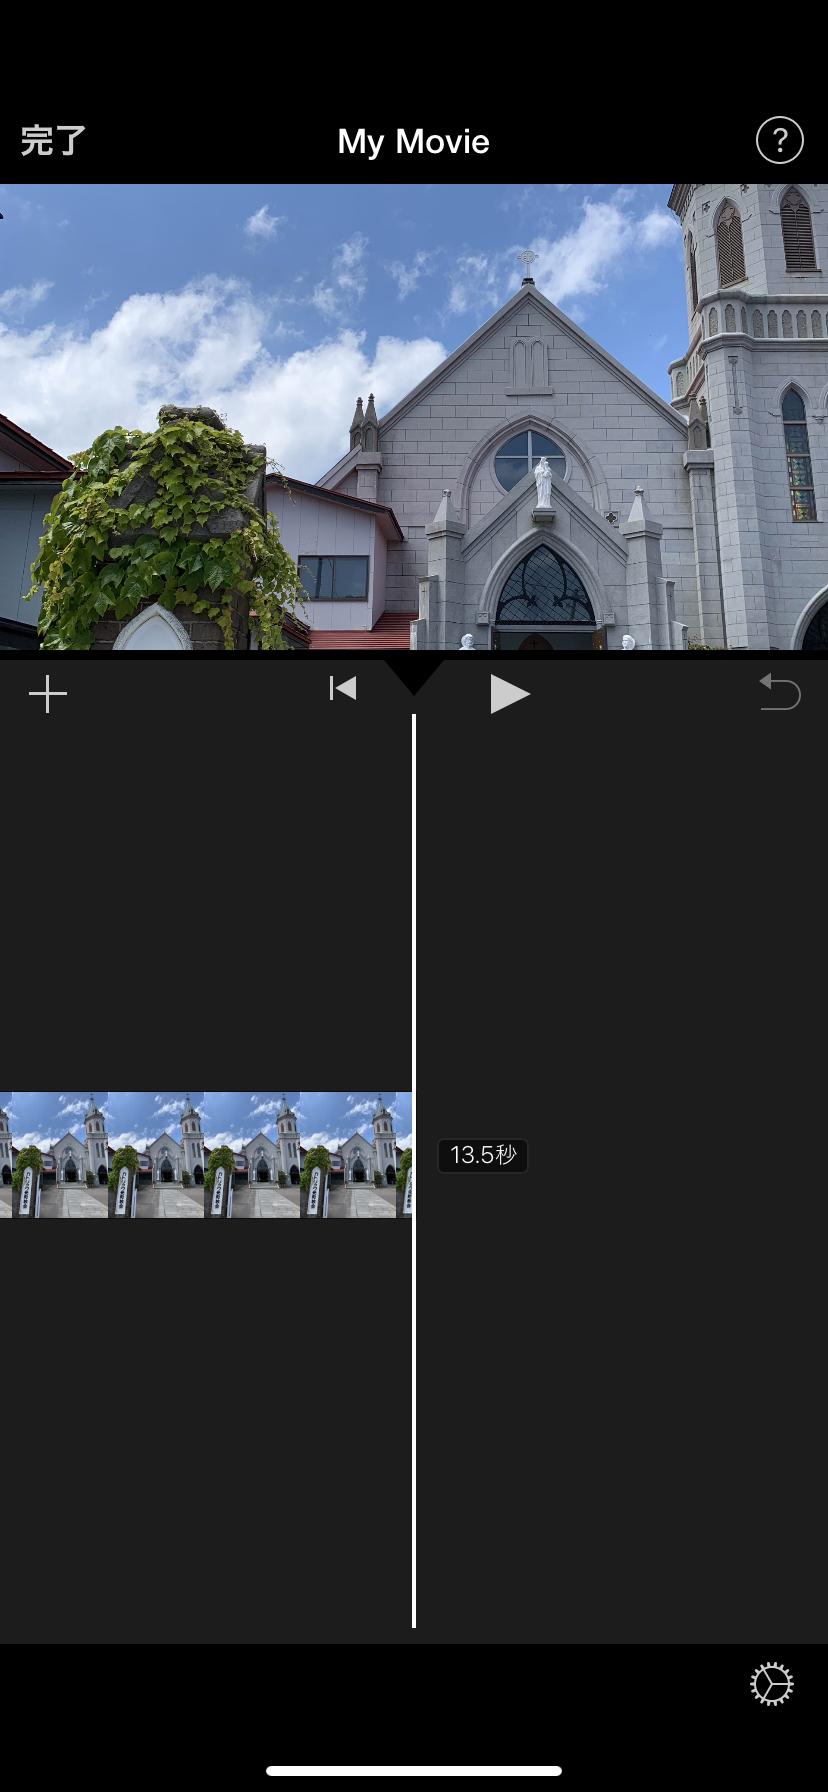 Apple(アップル) iMovieを使ったヨコさんのクチコミ画像1